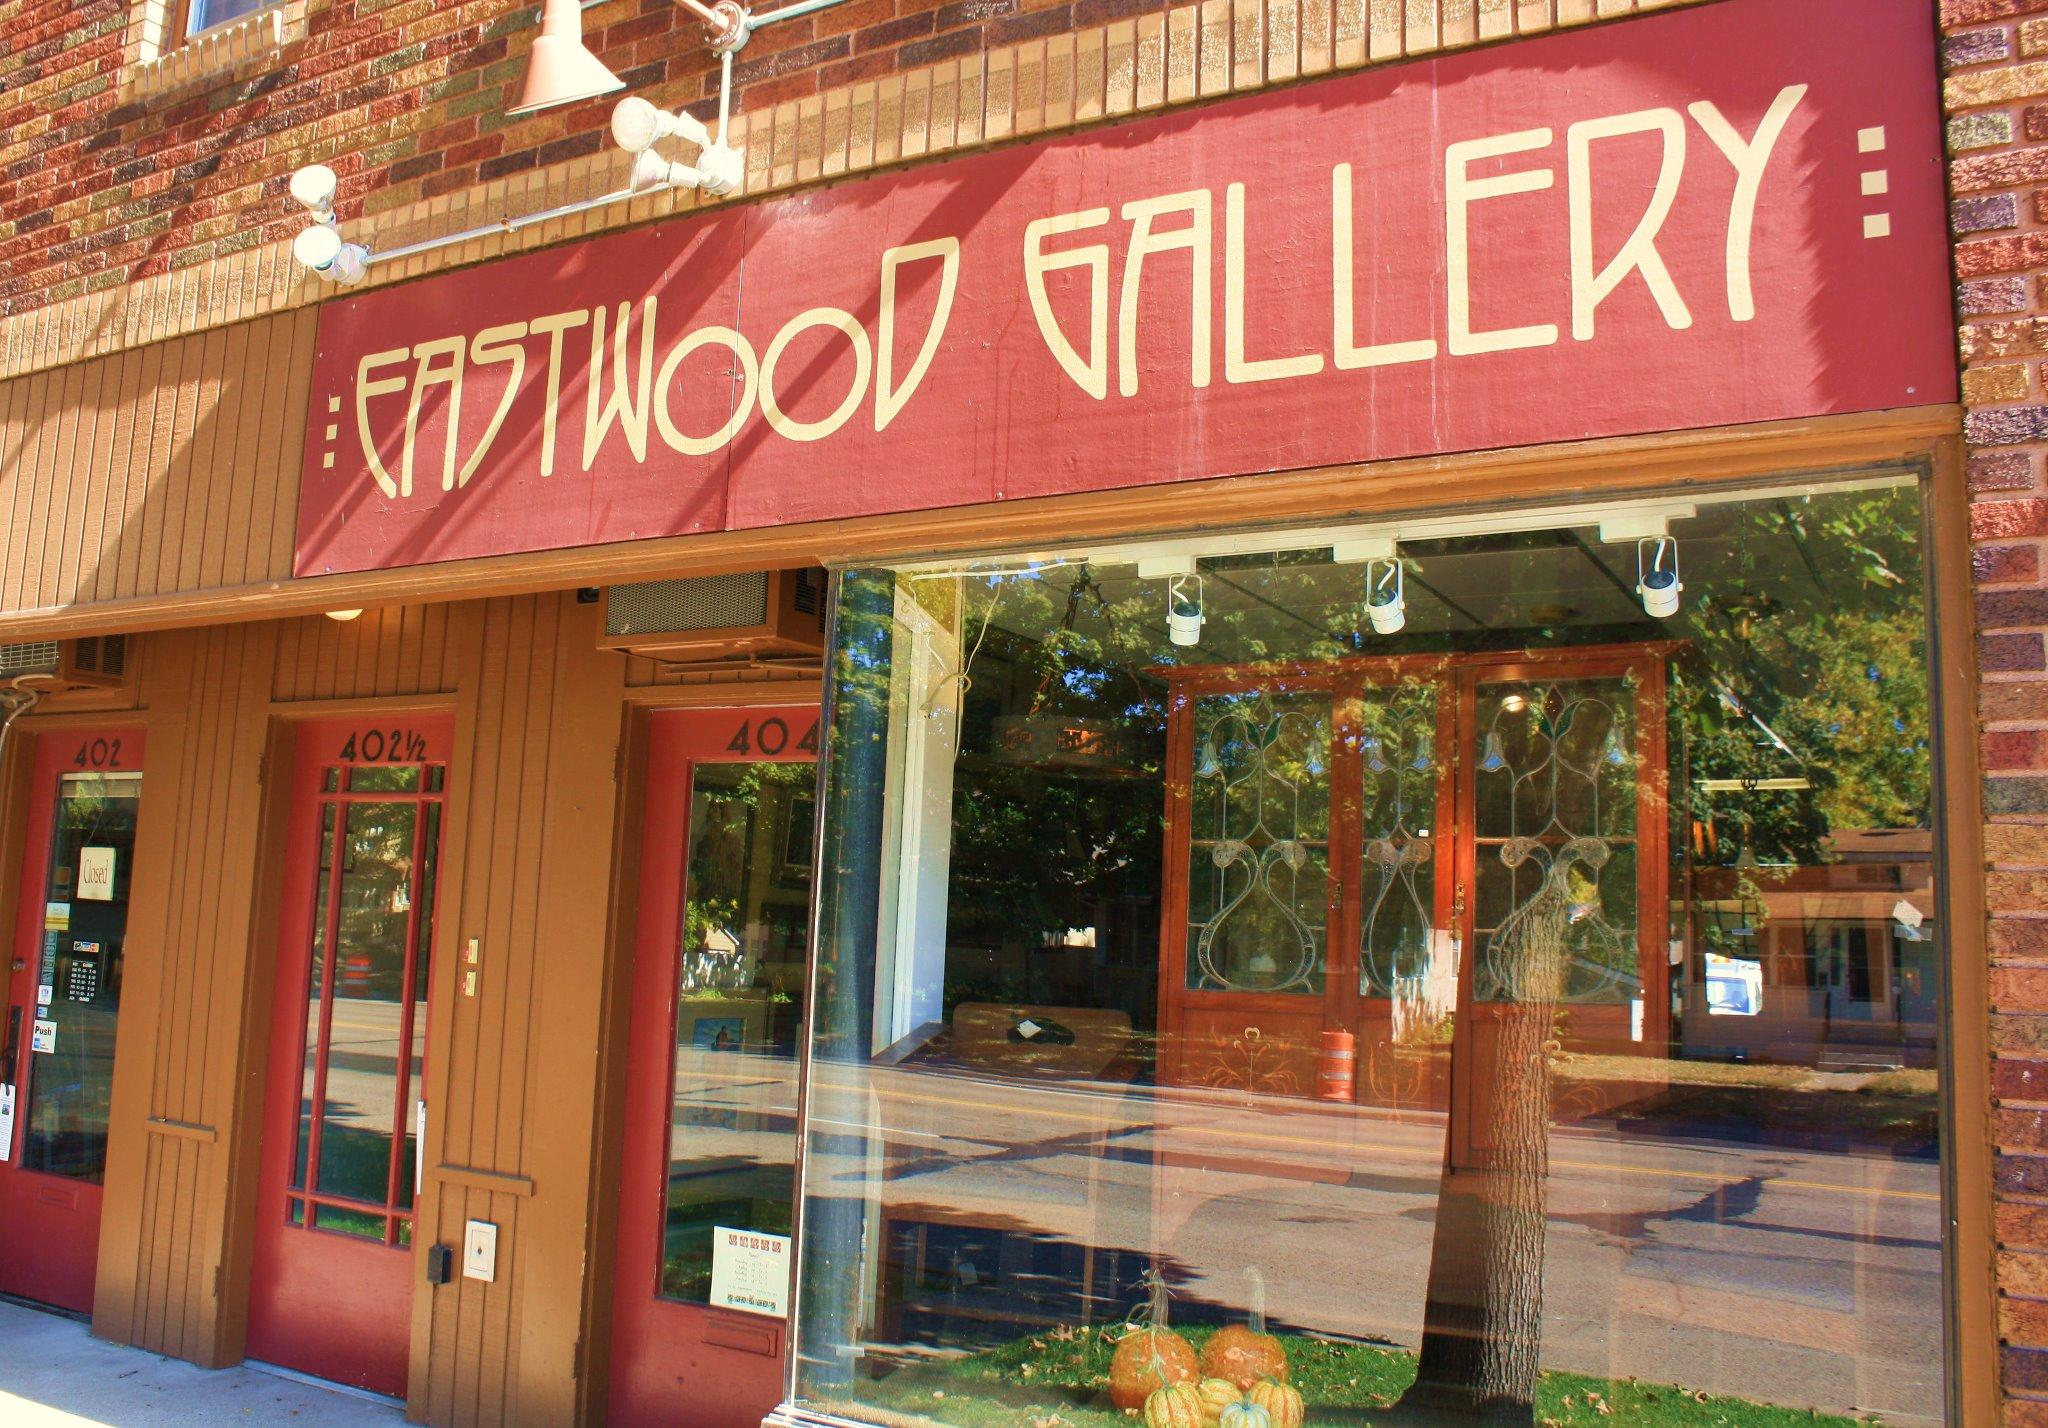 Eastwood Gallery